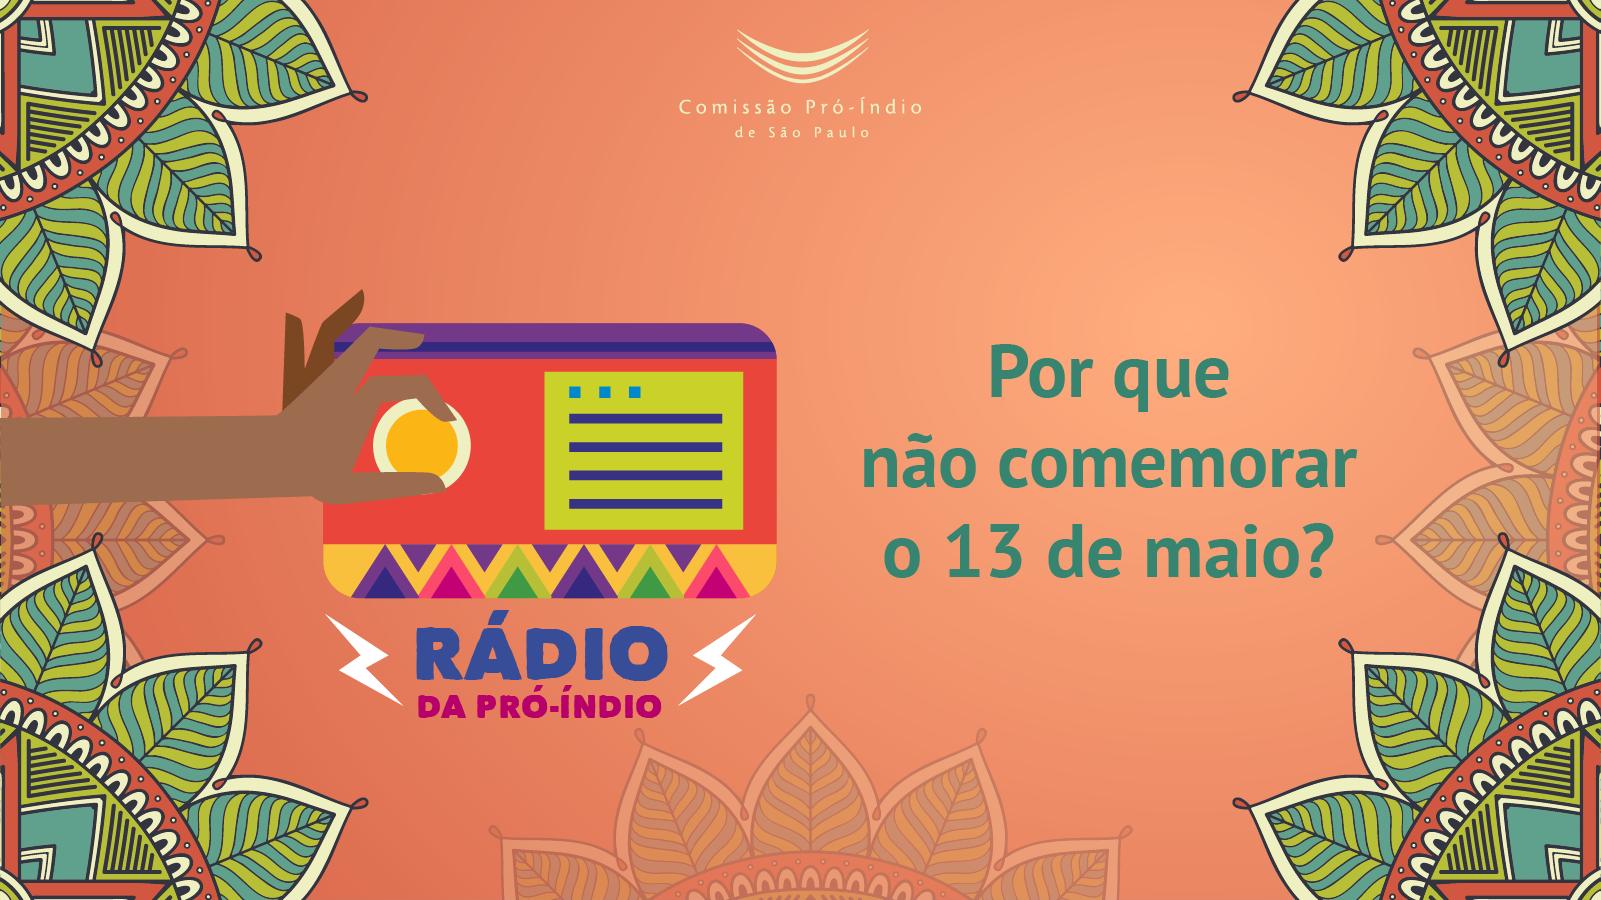 Novo episódio da Rádio da Pró-Índio - Por que não devemos comemorar o 13 de maio